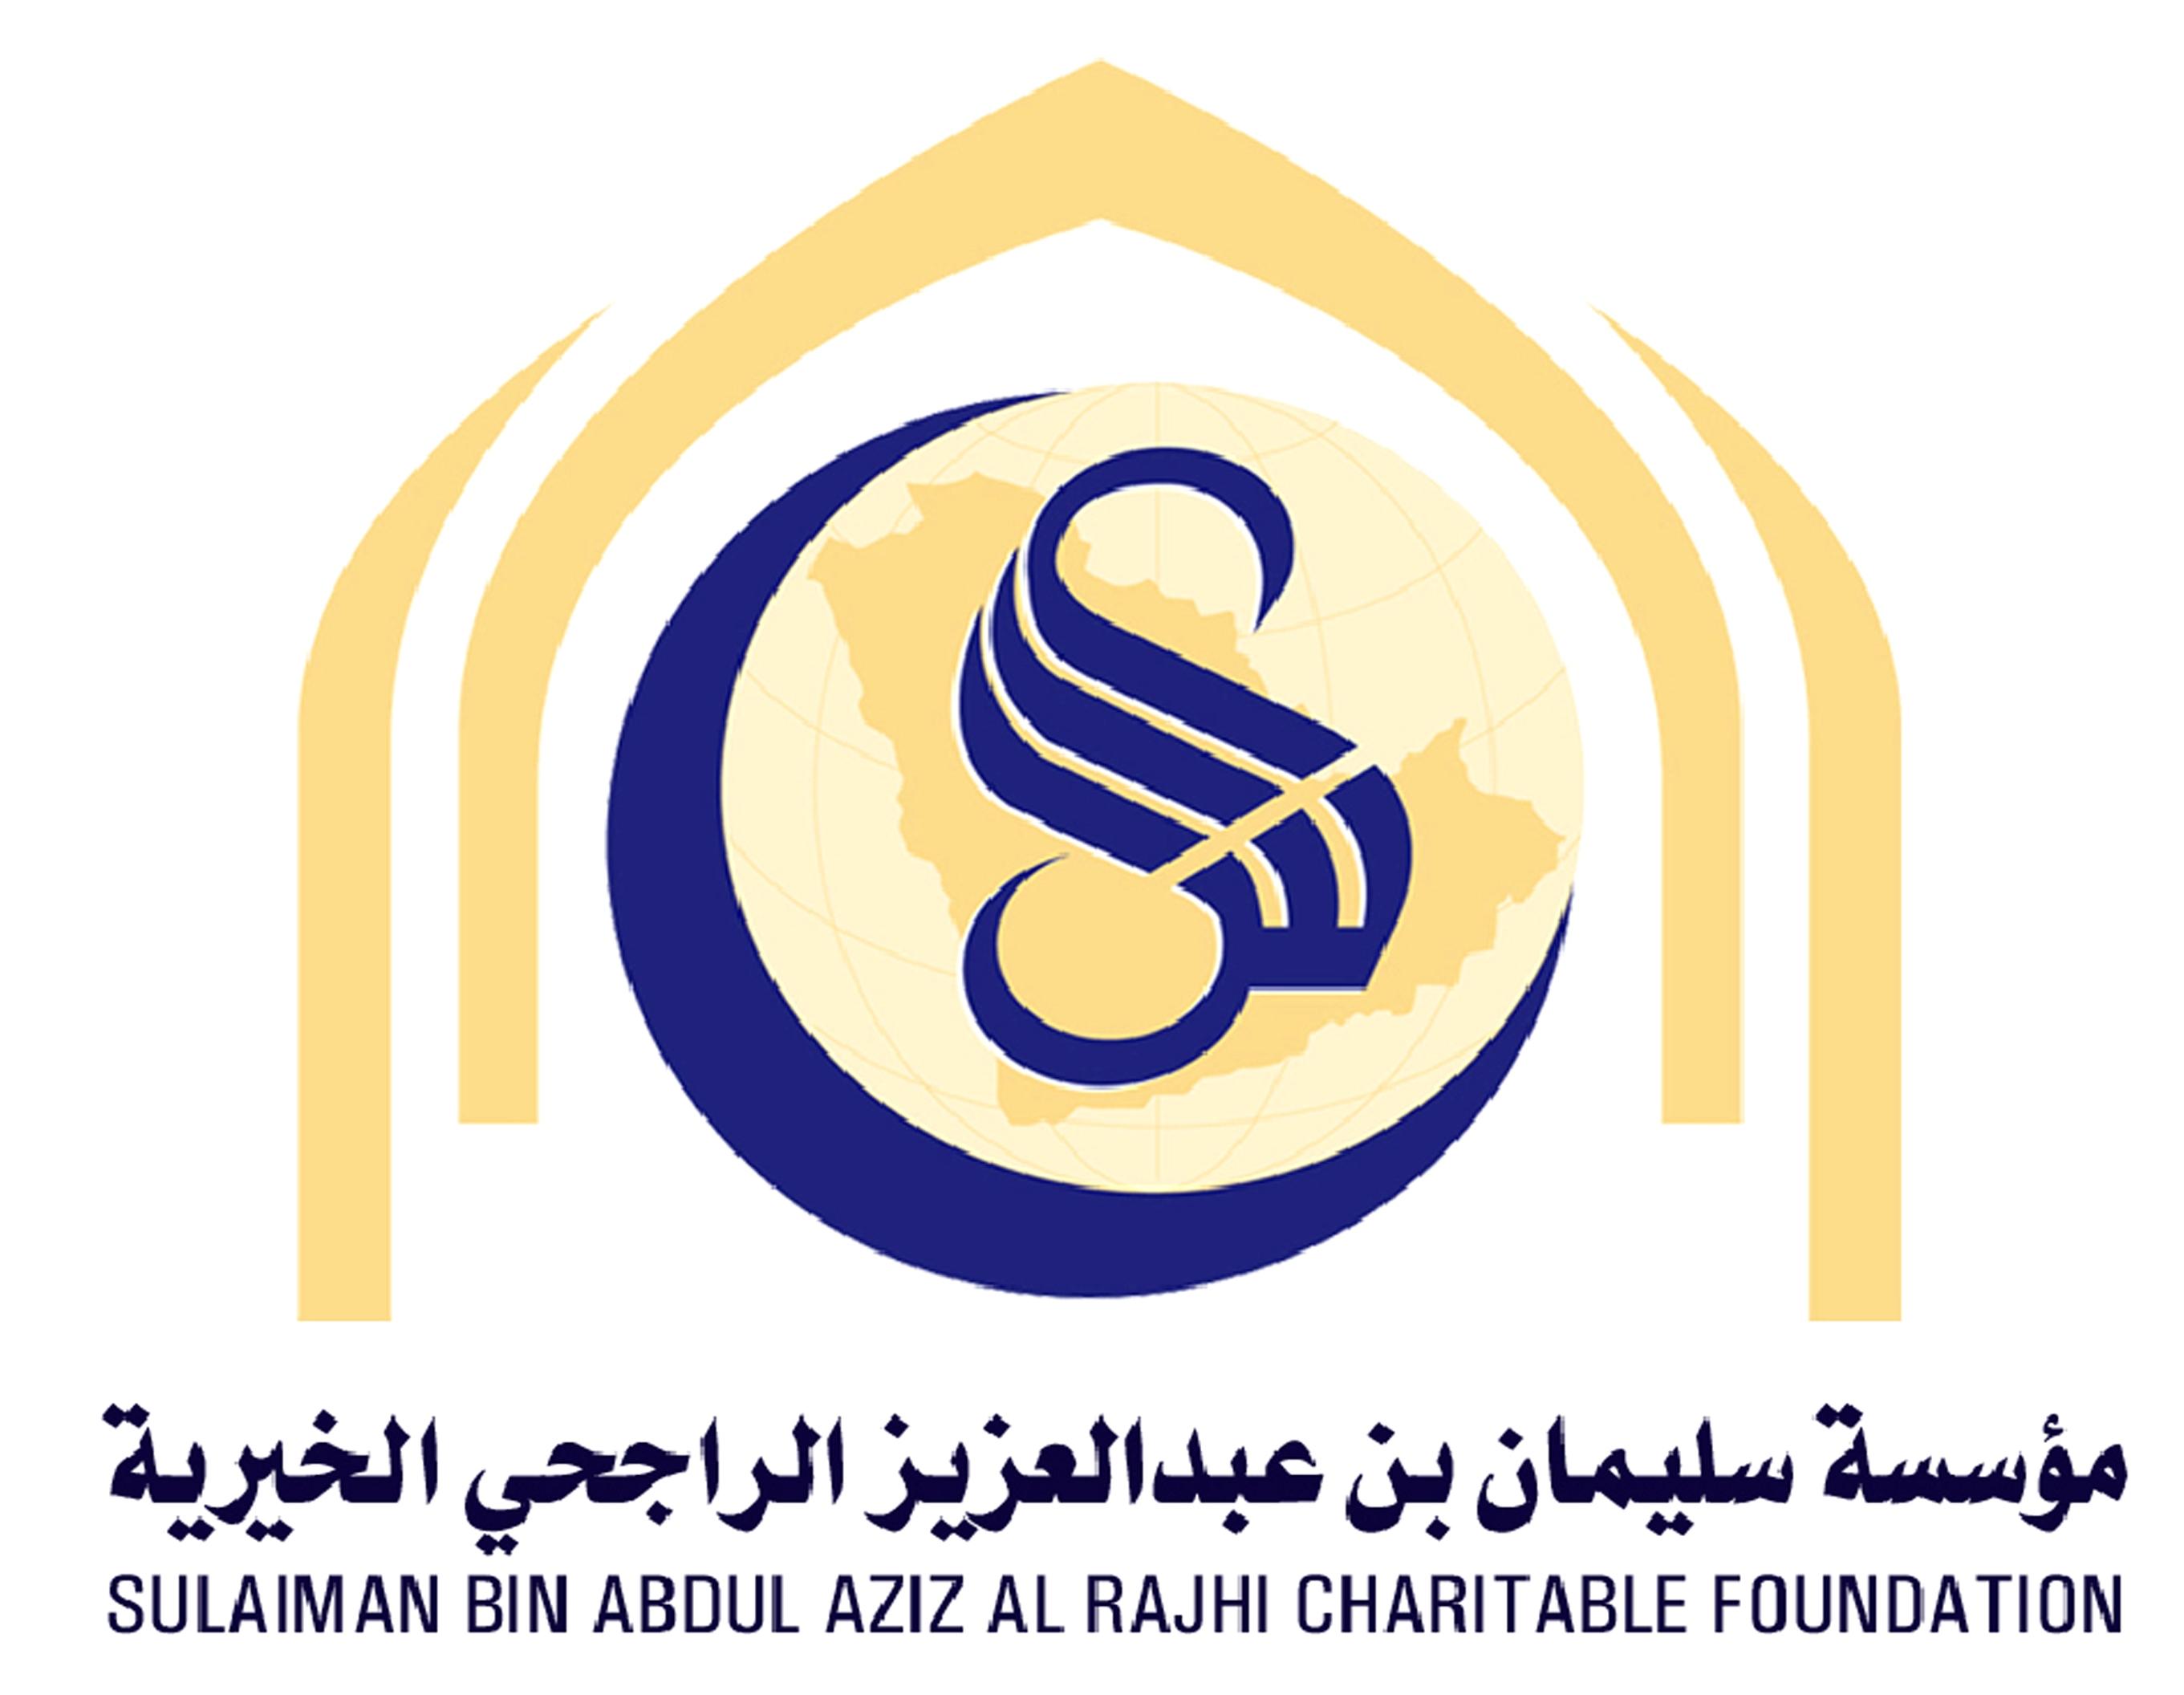 مؤسسة سليمان بن عبدالعزيز الراجحي